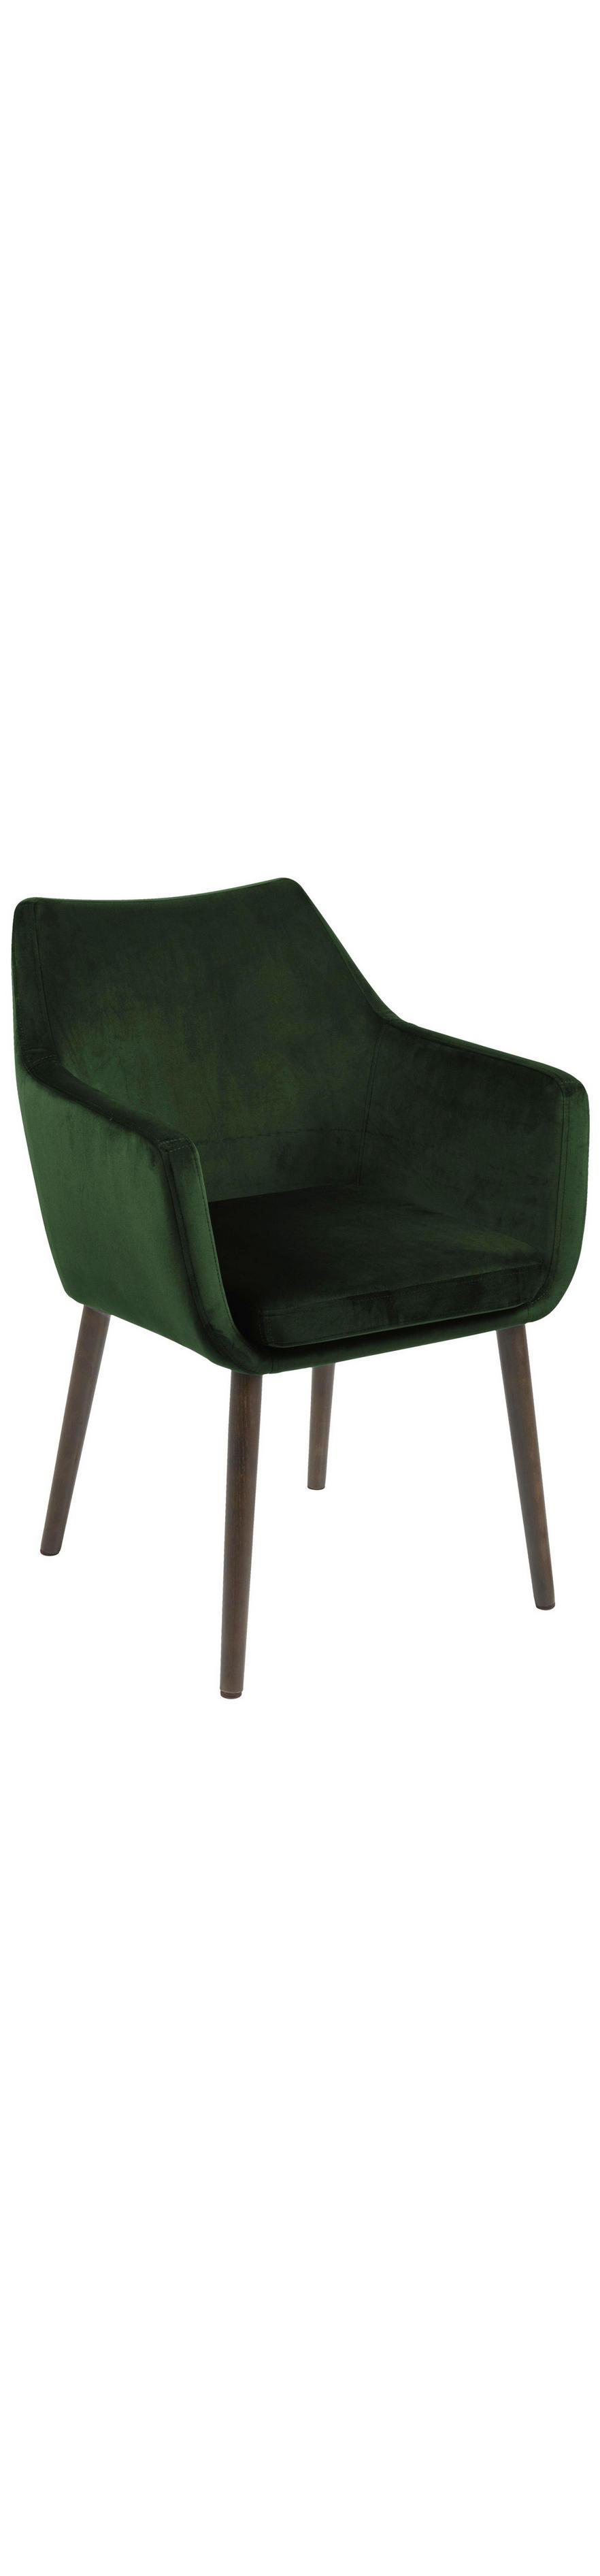 Samt Stuhl In Grün Hier Online Entdecken